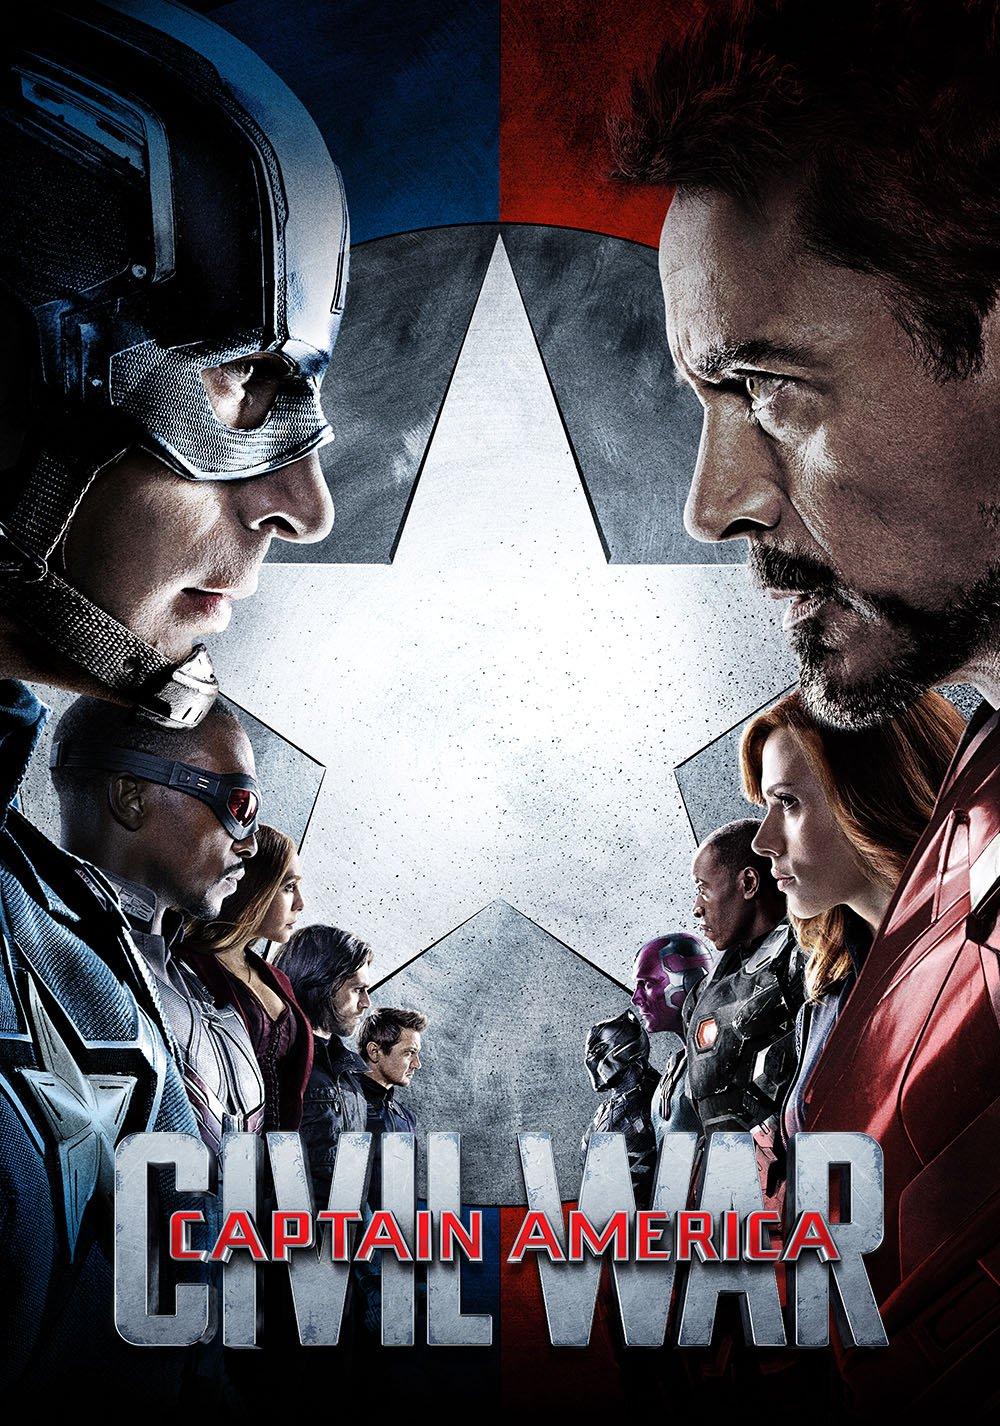 კაპიტანი ამერიკა: სამოქალაქო ომი / Captain America: Civil War